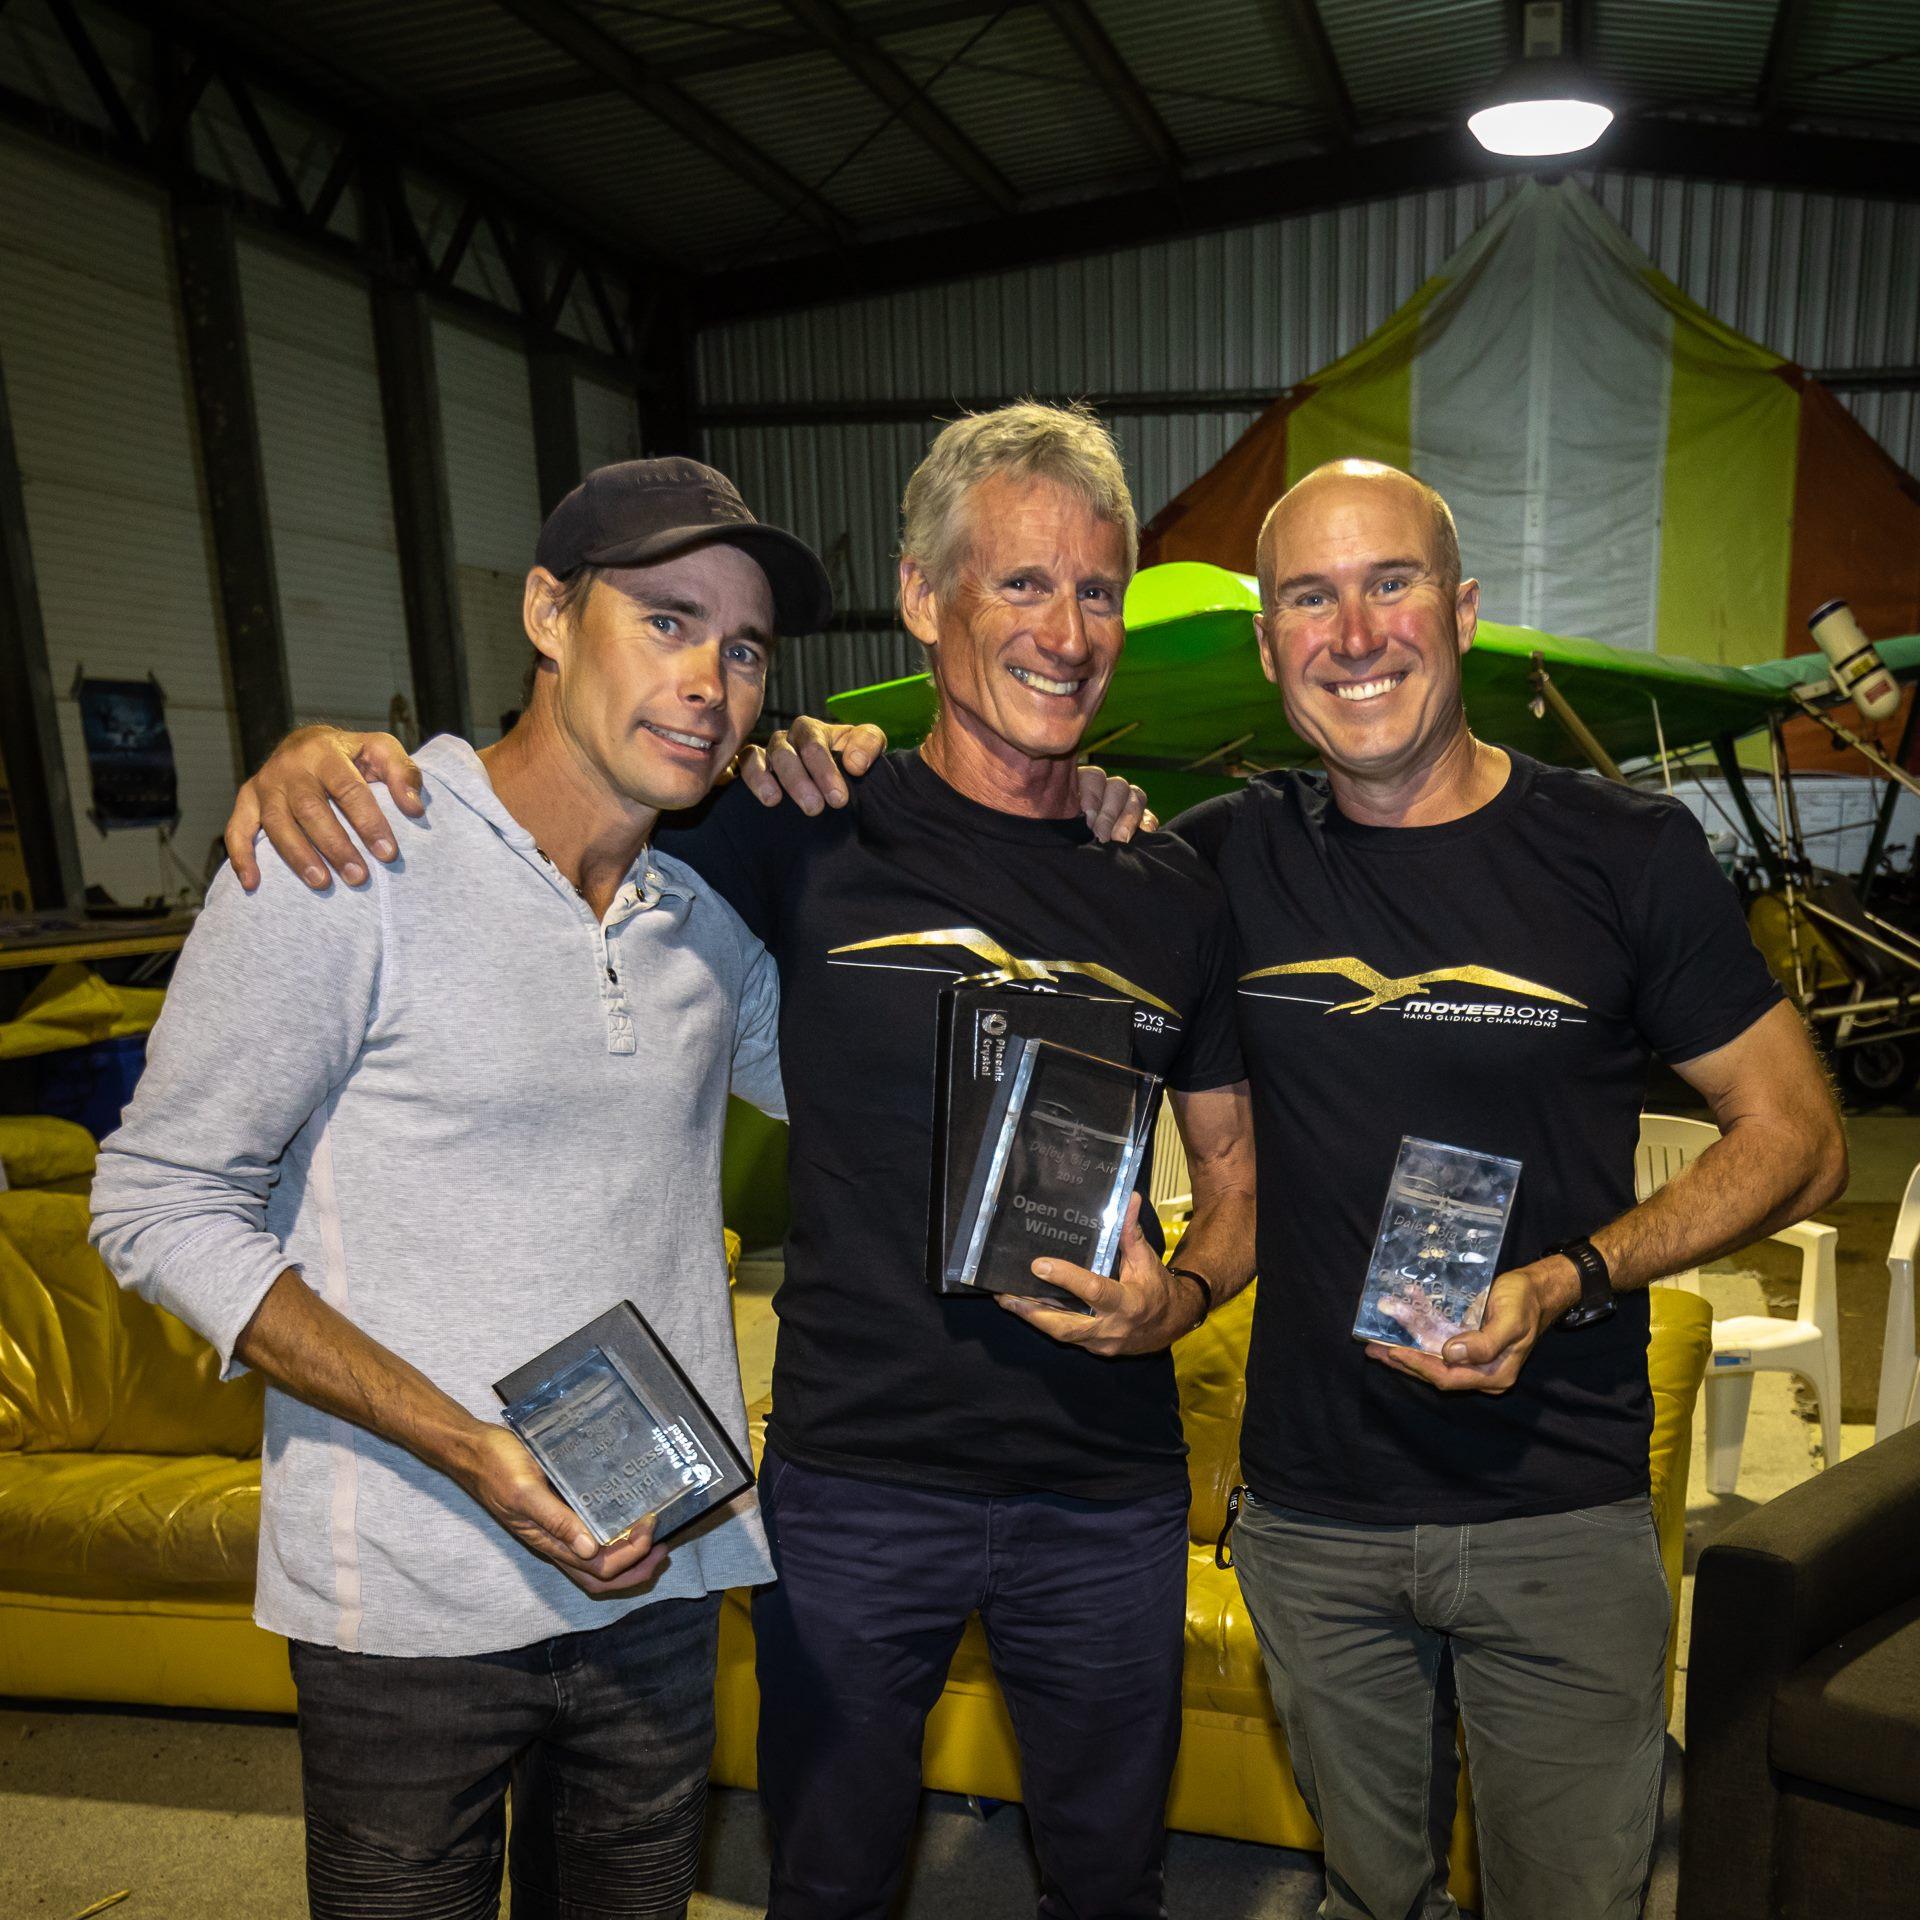 Adam, Steve and Rohan at the award ceremony ~ Адам, Стив и Рохан на церемонии награждения